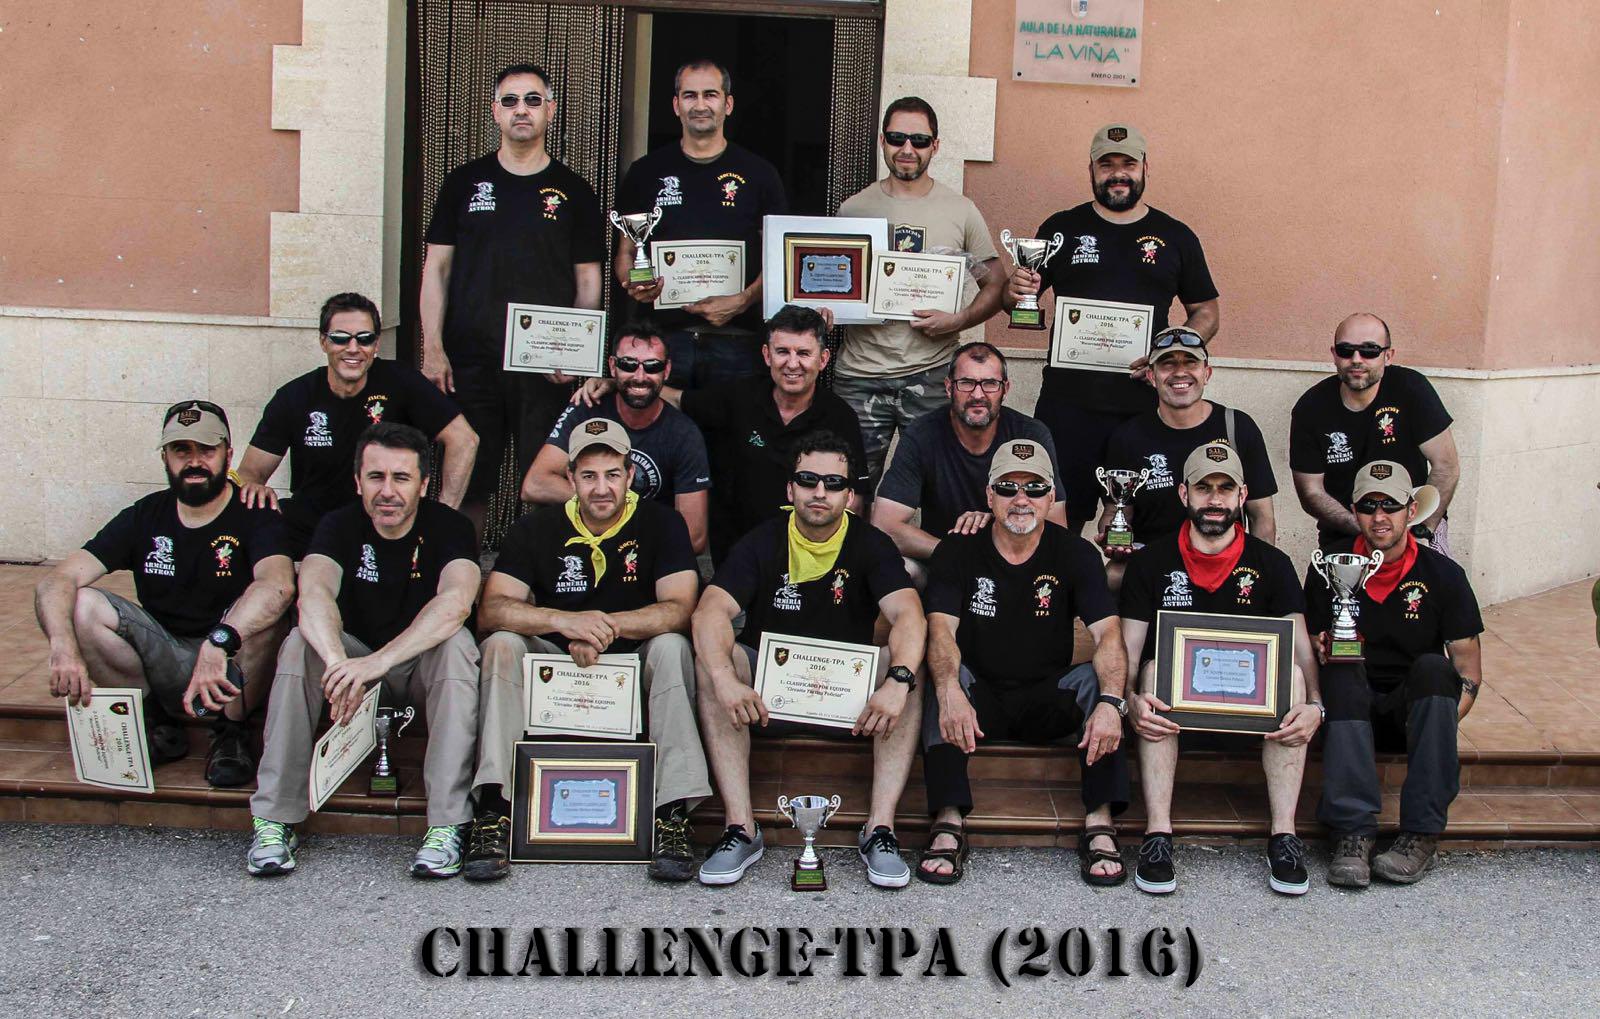 CHALLENGE-TPA